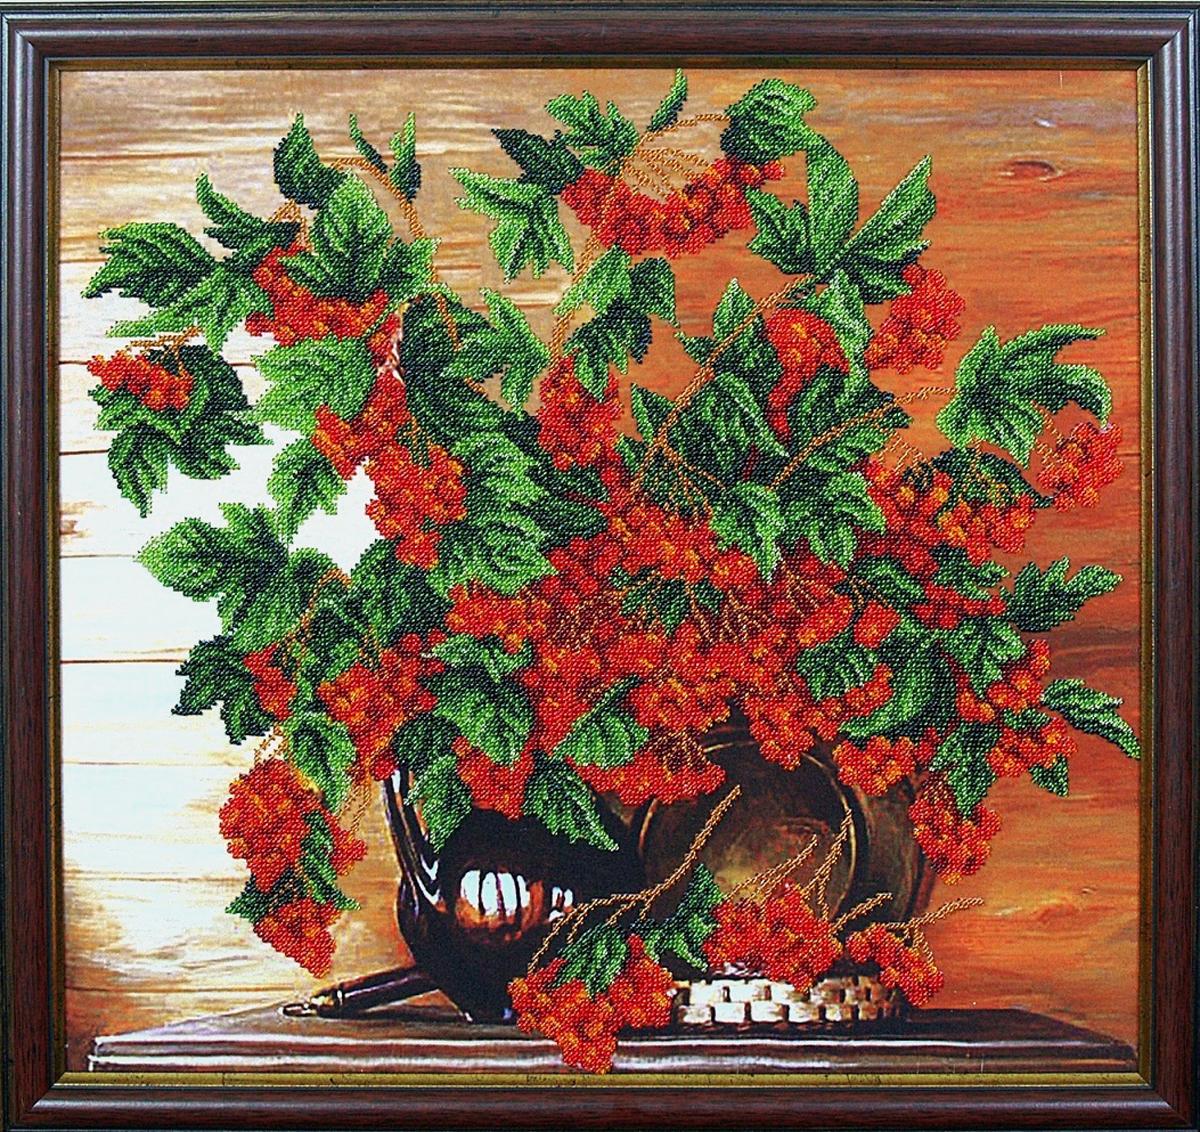 Набор для вышивания бисером Магия канвы Калина красная, 42 х 40 см309097Наборы для вышивания бисером Магия канвы - это качественные материалы и красивые сюжеты, которые помогут вам создать маленькое чудо. В состав набора для вышивания бисером Калина красная входит: уплотненная ткань с нанесенным рисунком, бисер Preciosa (Чехия) - 16 цветов, игла, инструкция.